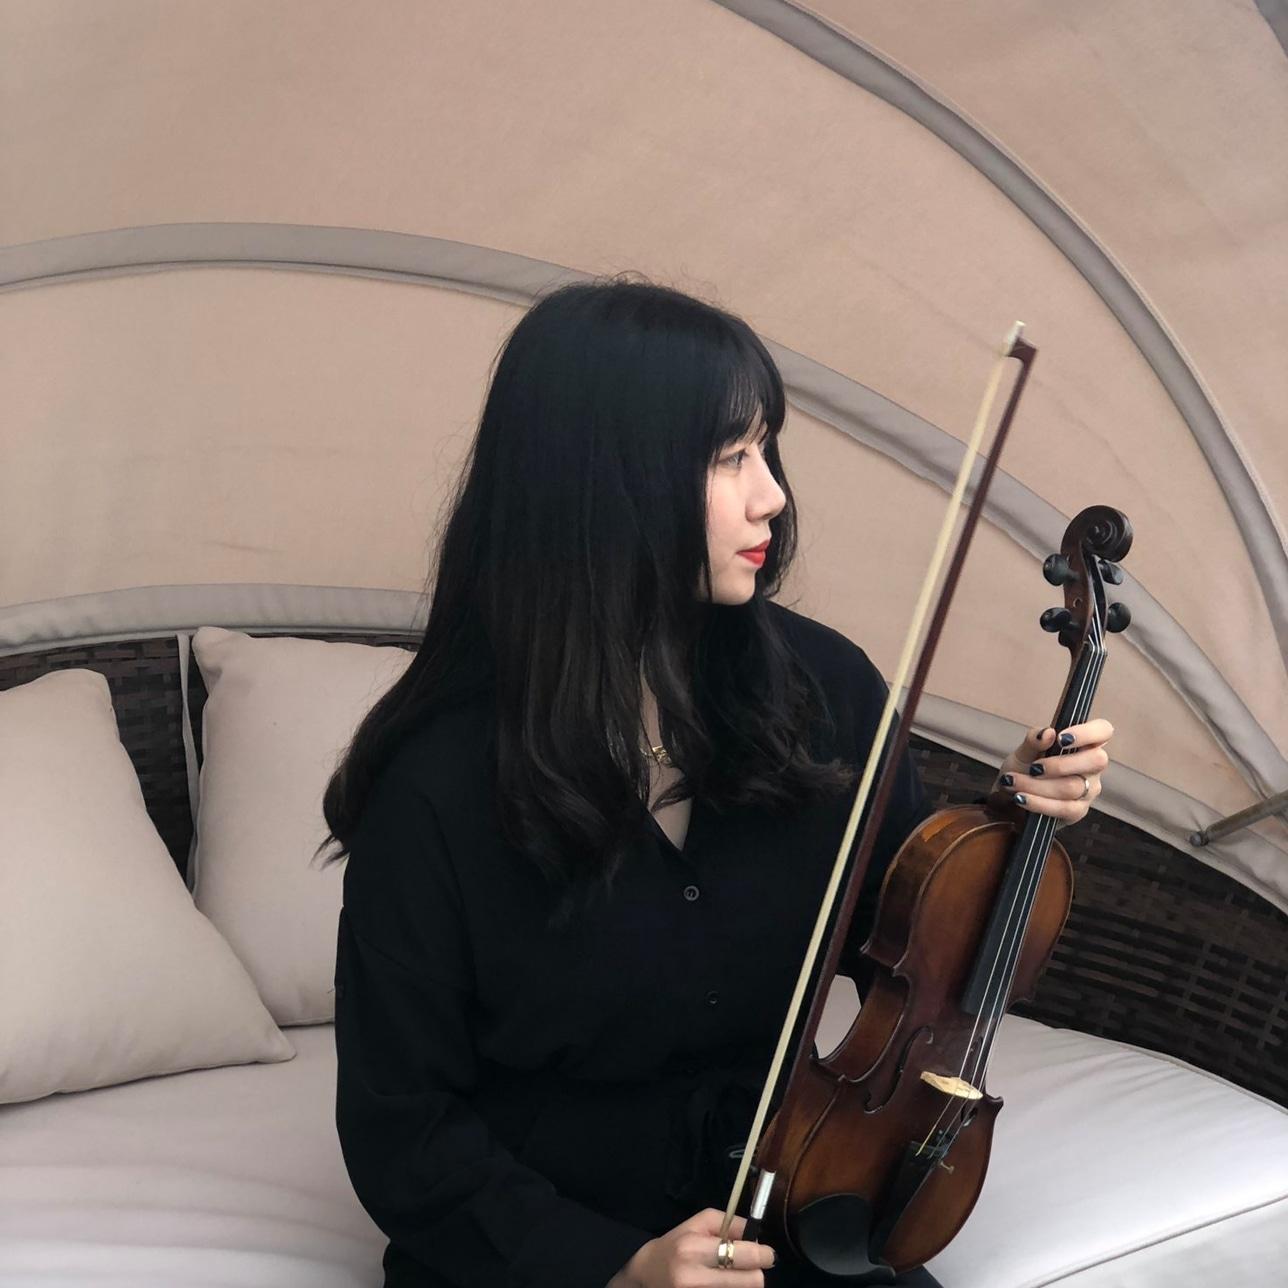 피아노/바이올린 레슨생 모집합니다.